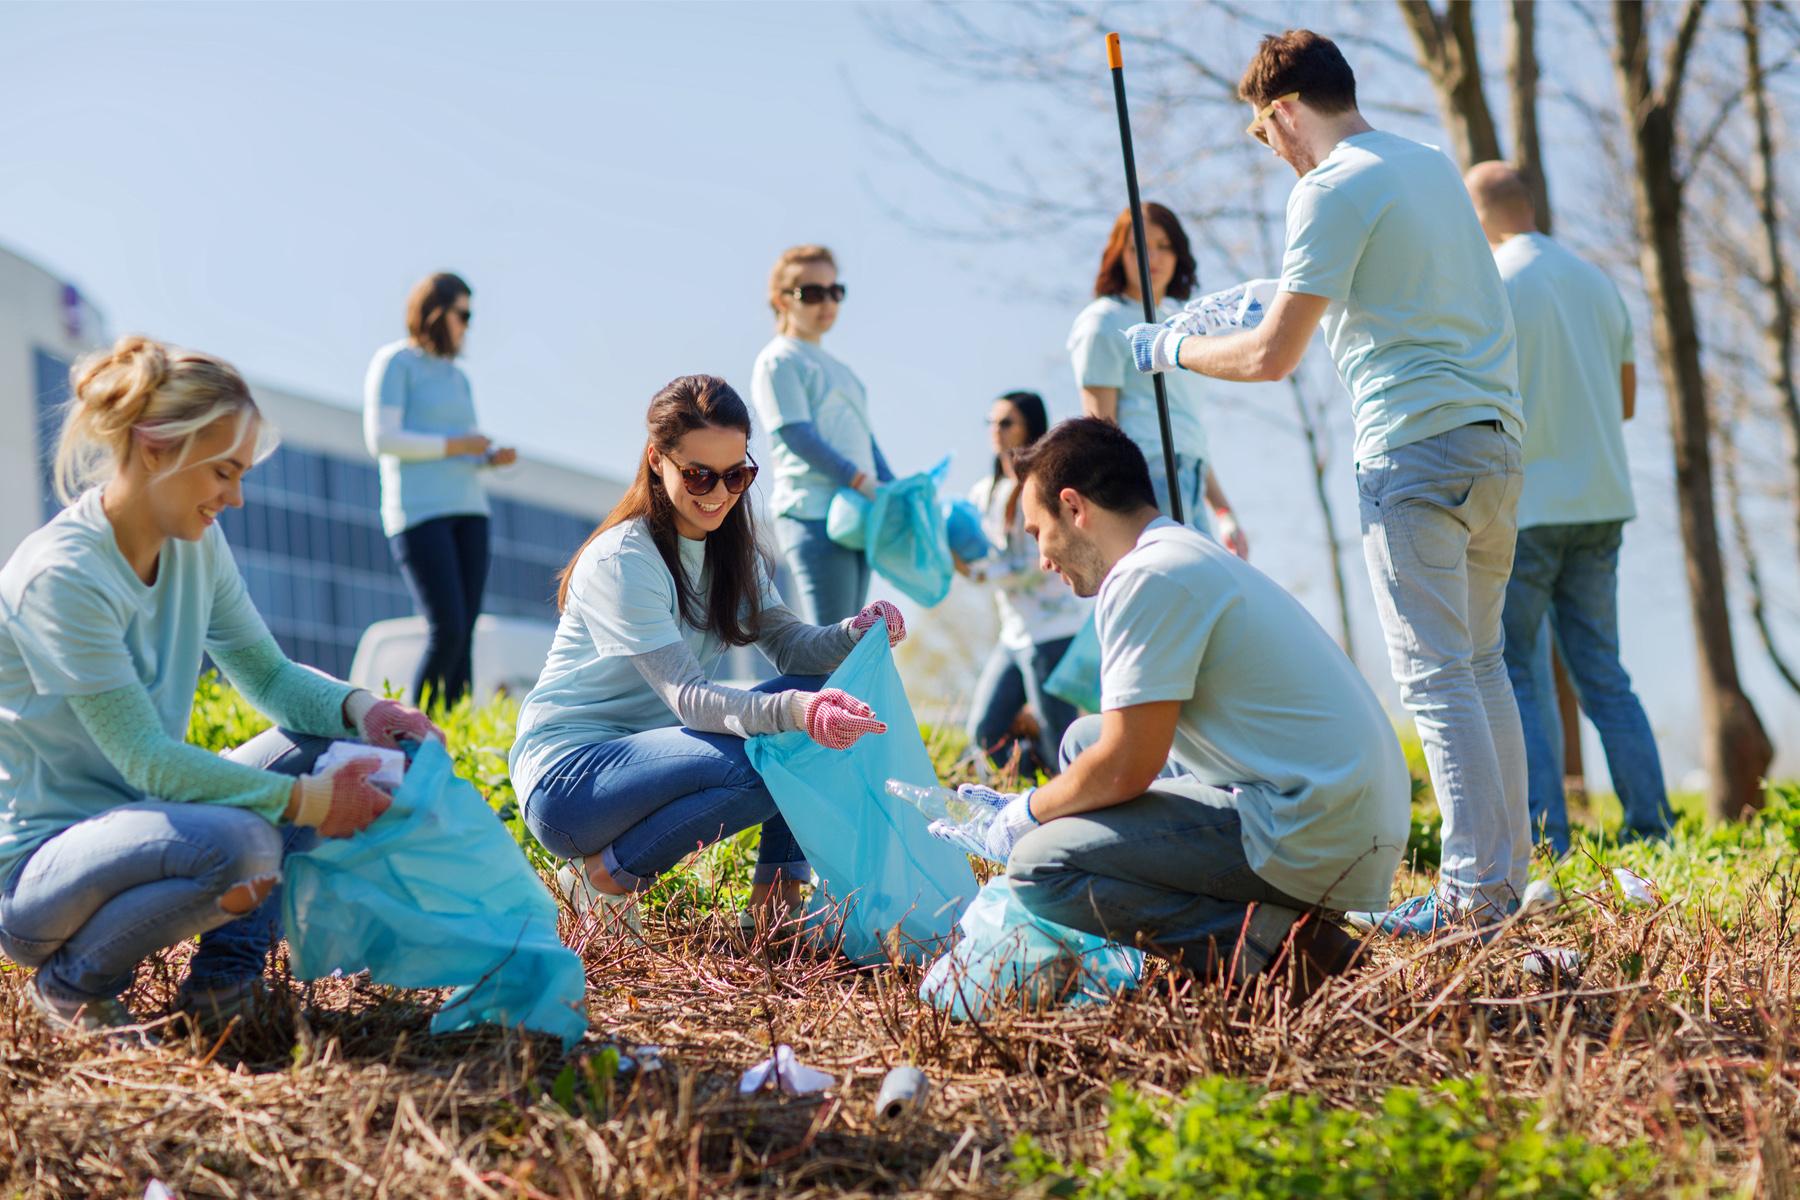 Volunteer workers in Switzerland